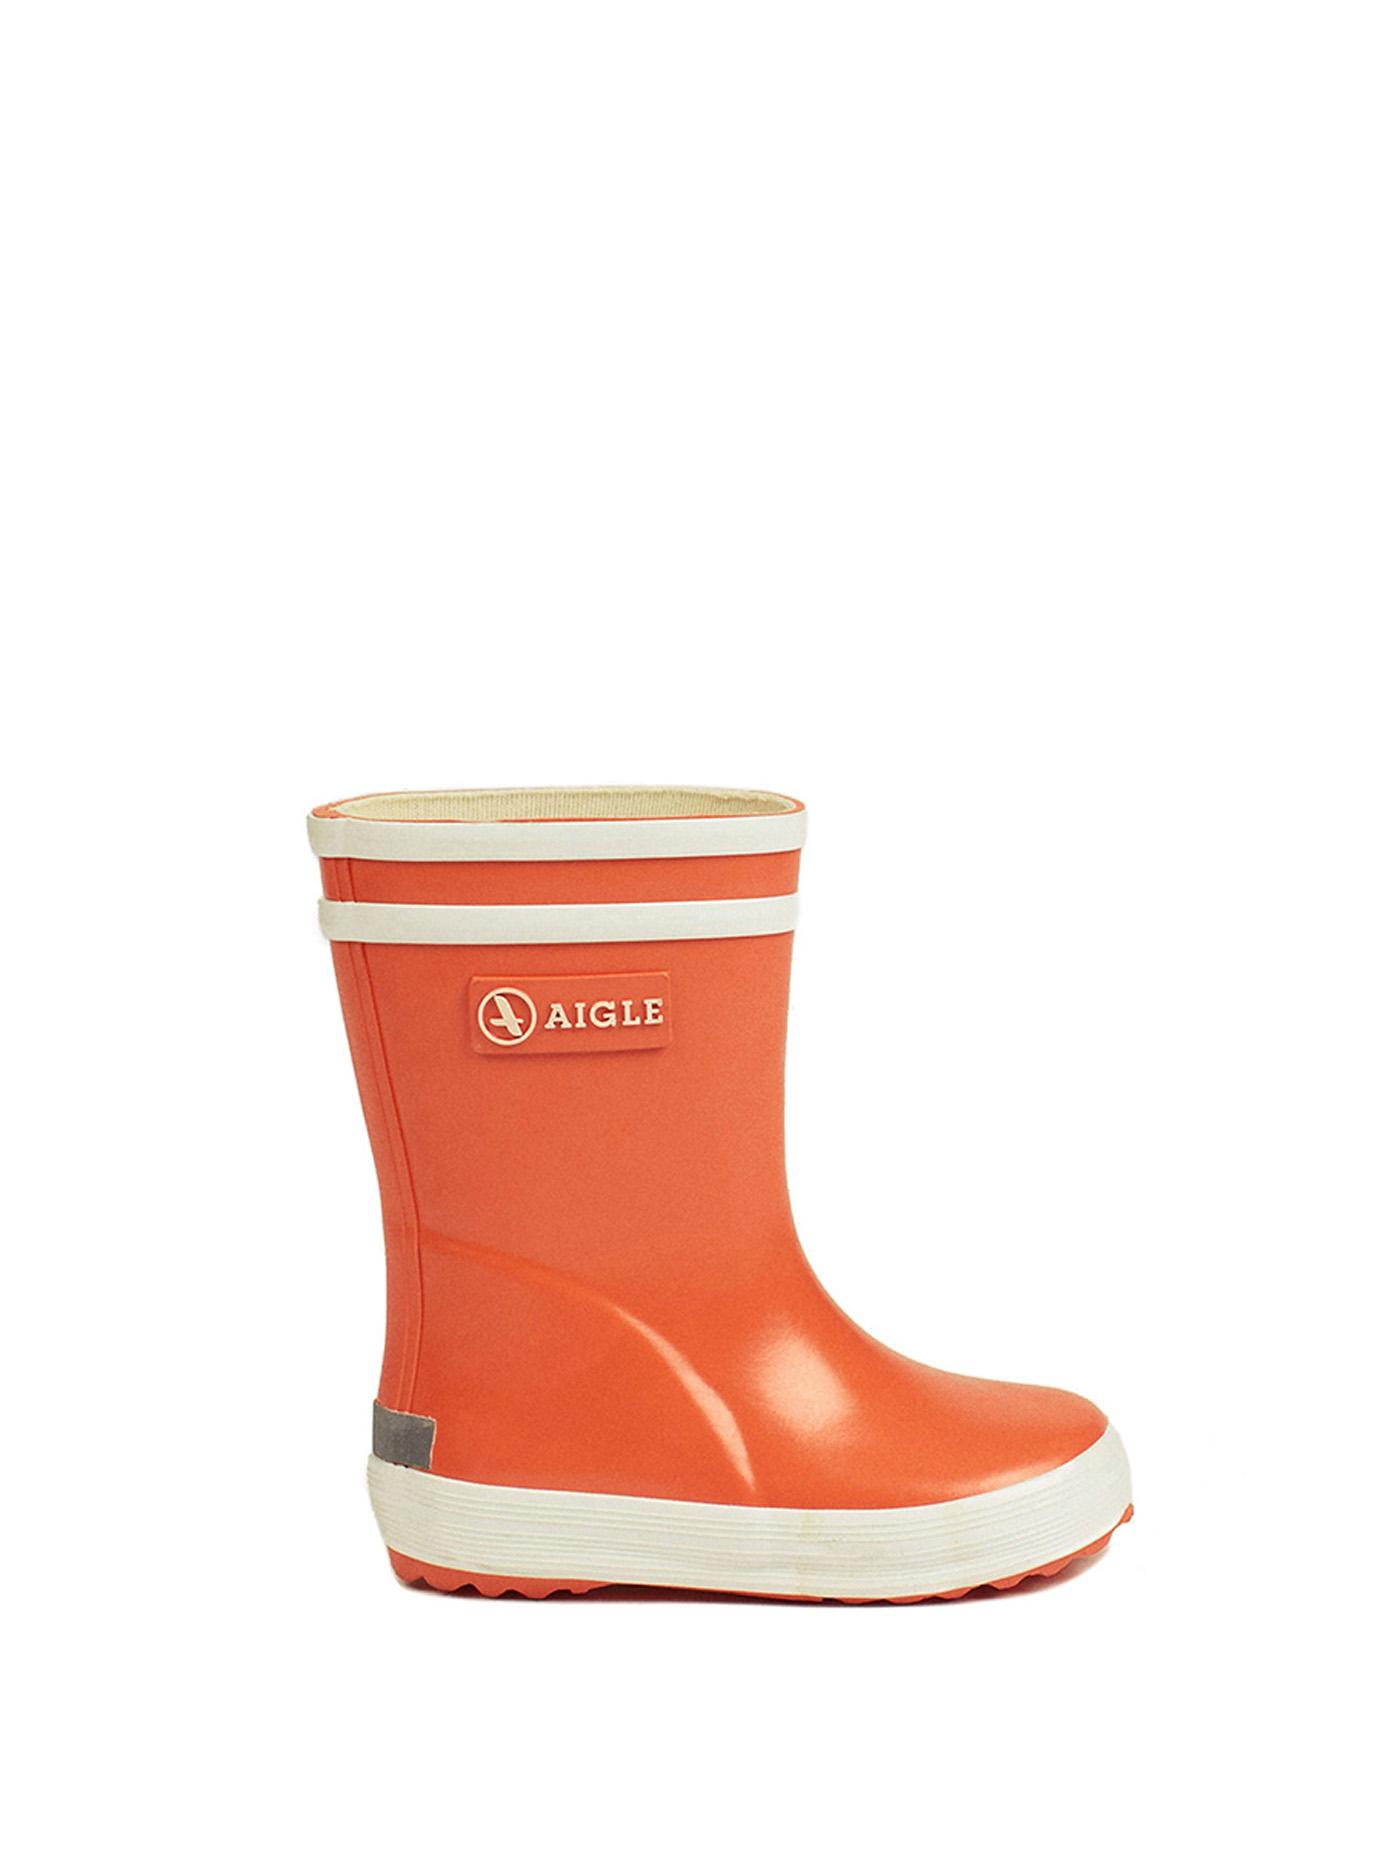 separation shoes 76151 fc883 BABY FLAC| Gummistiefel für die Kleinen Buis | Aiglekinder ...